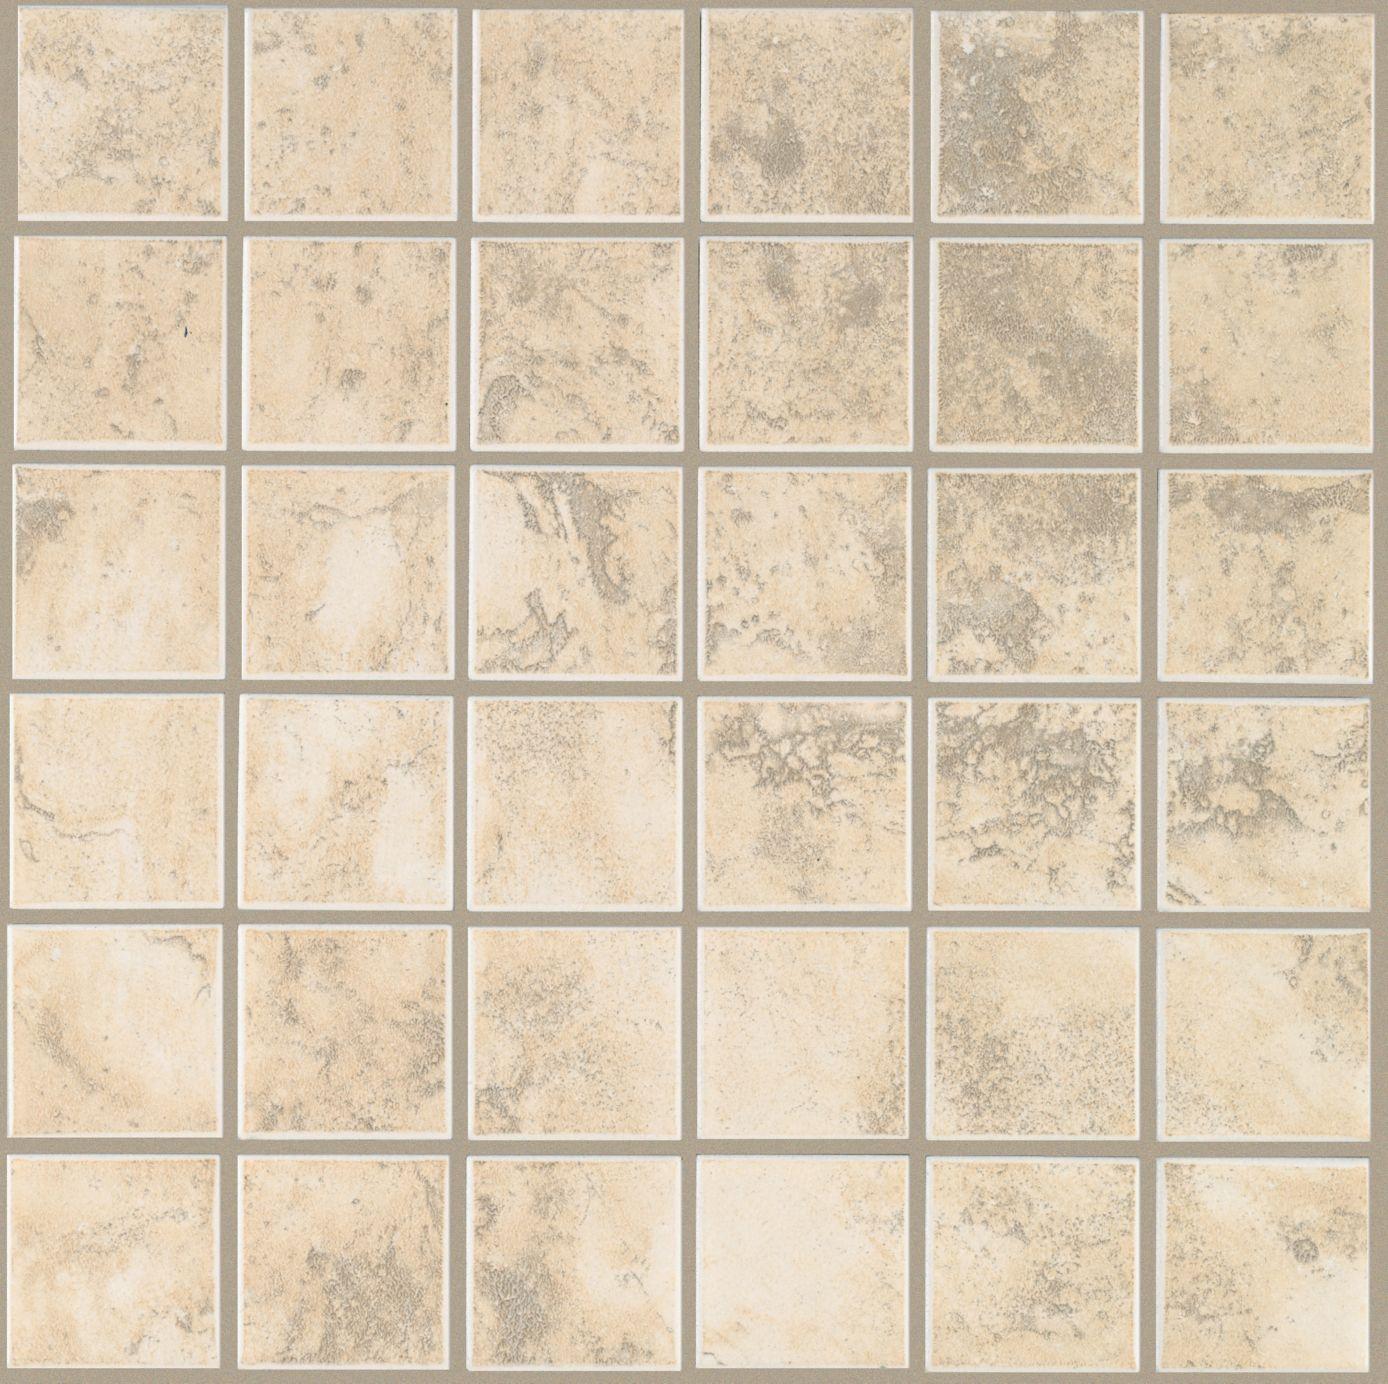 CeramicPorcelainTile PavinStoneFloor T717-PS01 WhiteLinen